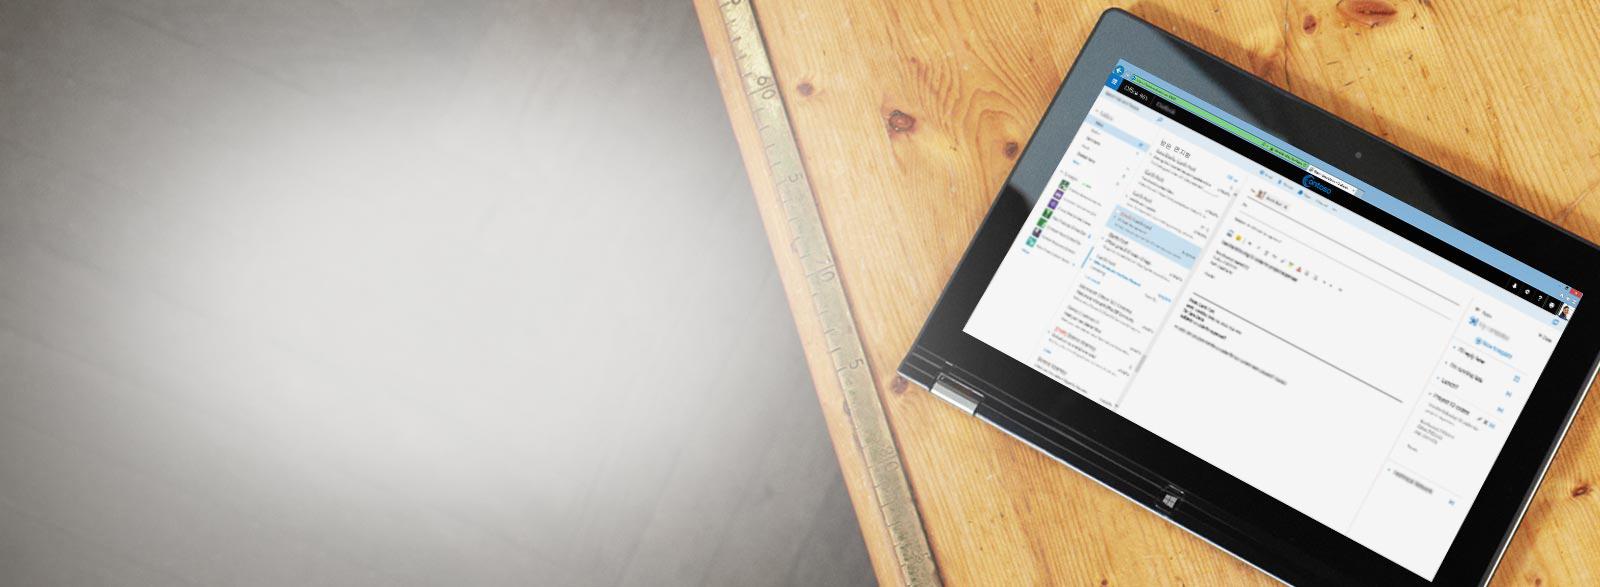 탁자 위에 놓인 태블릿에 표시된 Exchange를 통해 구동되는 비즈니스 전자 메일 사서함